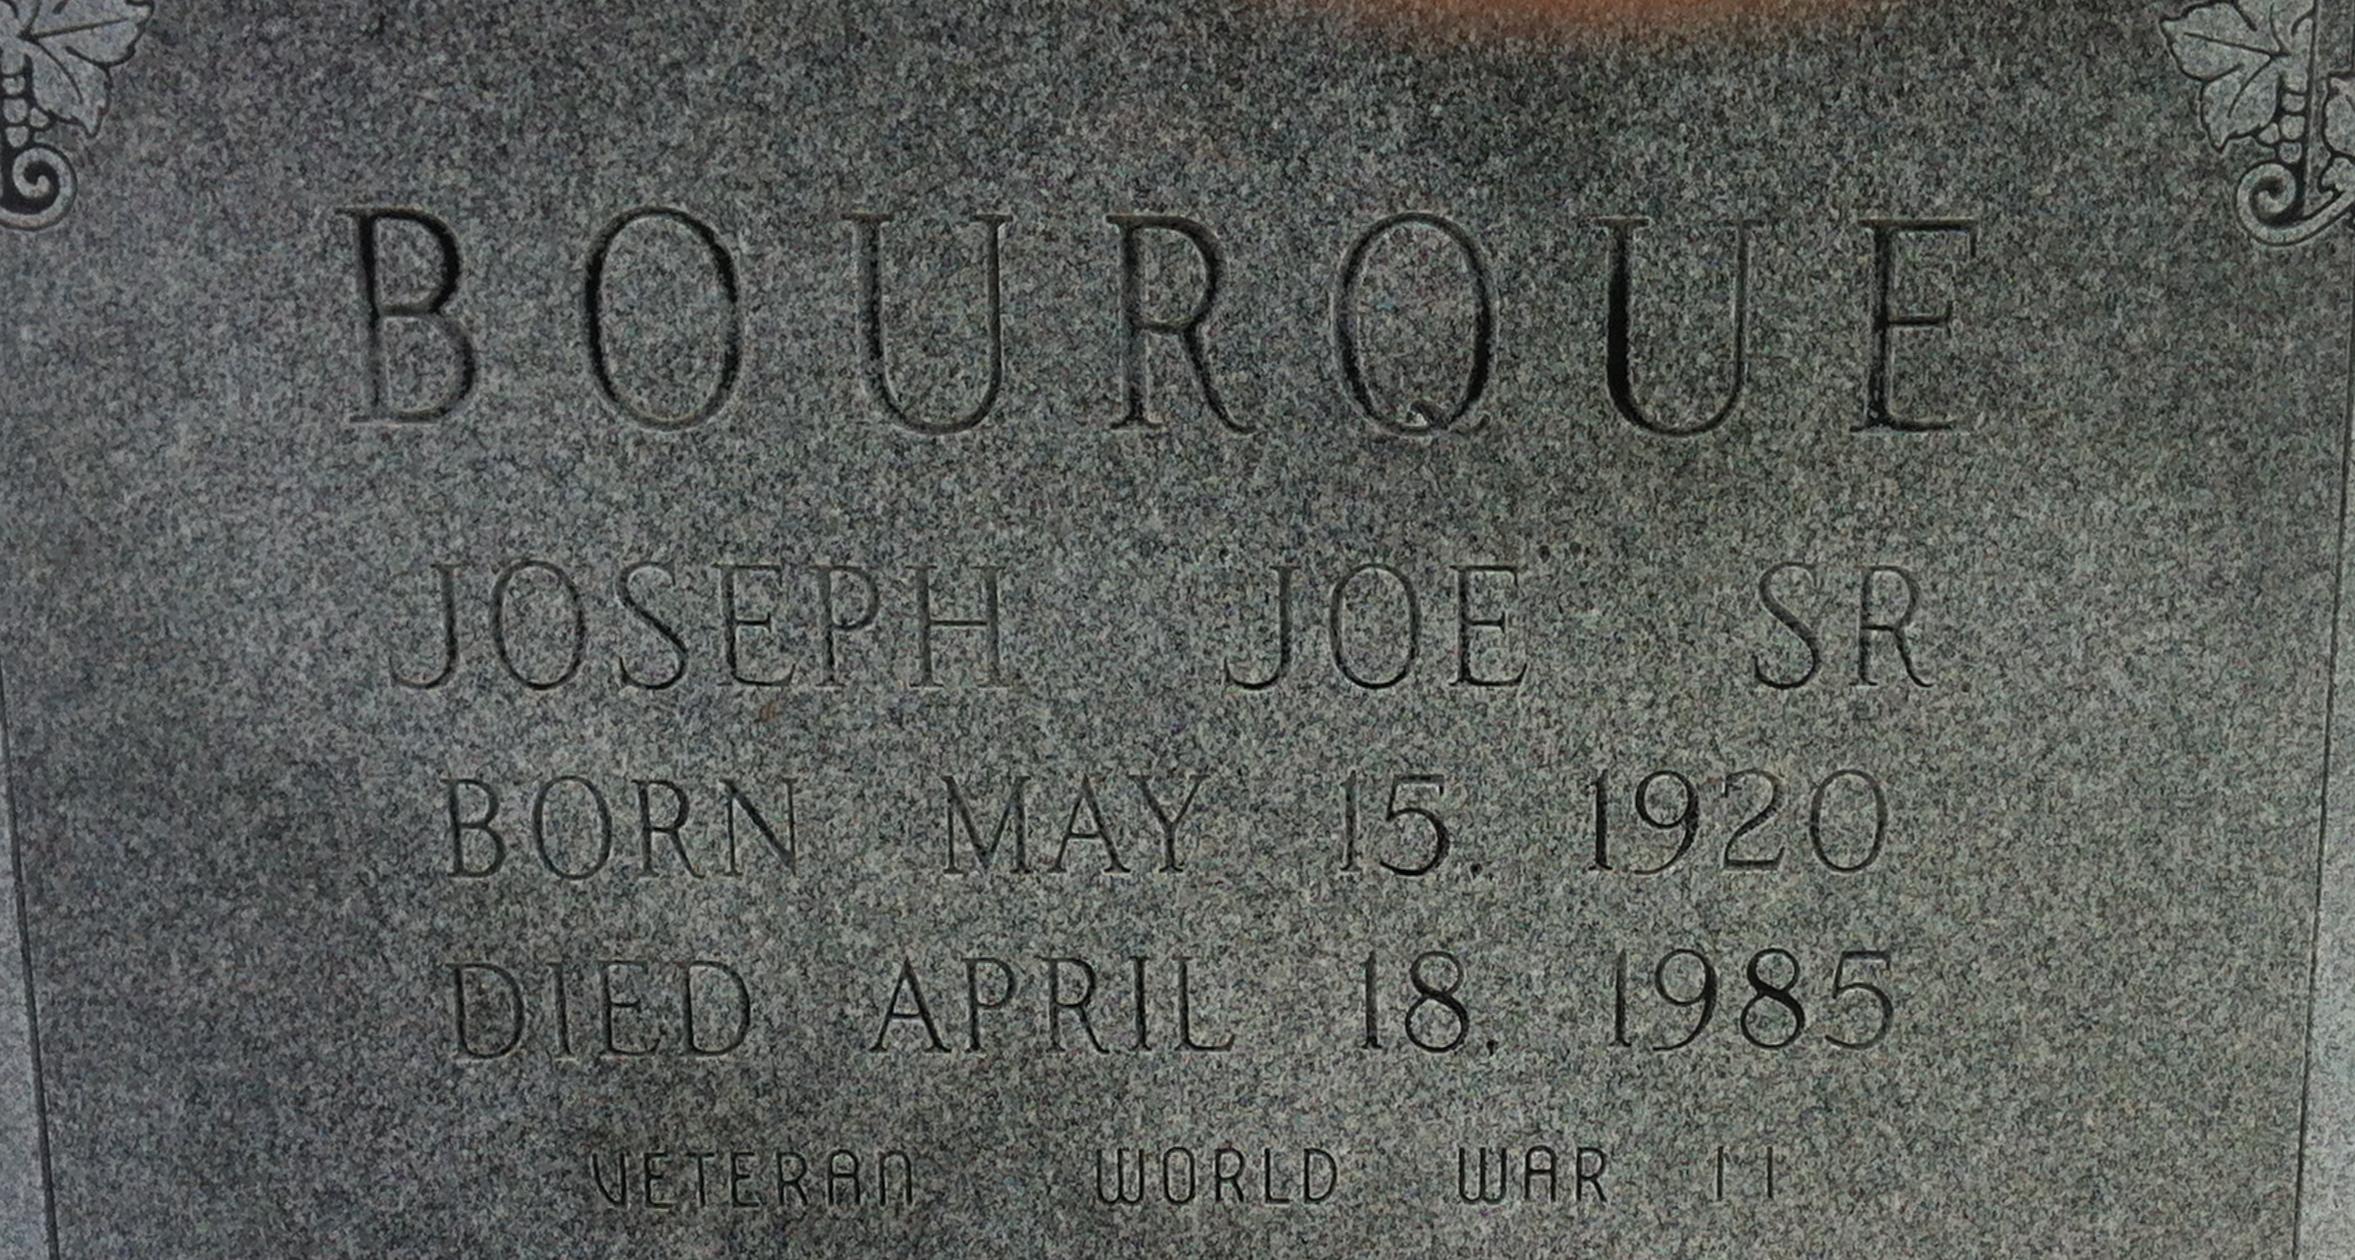 Joseph Joe Bourque, Sr